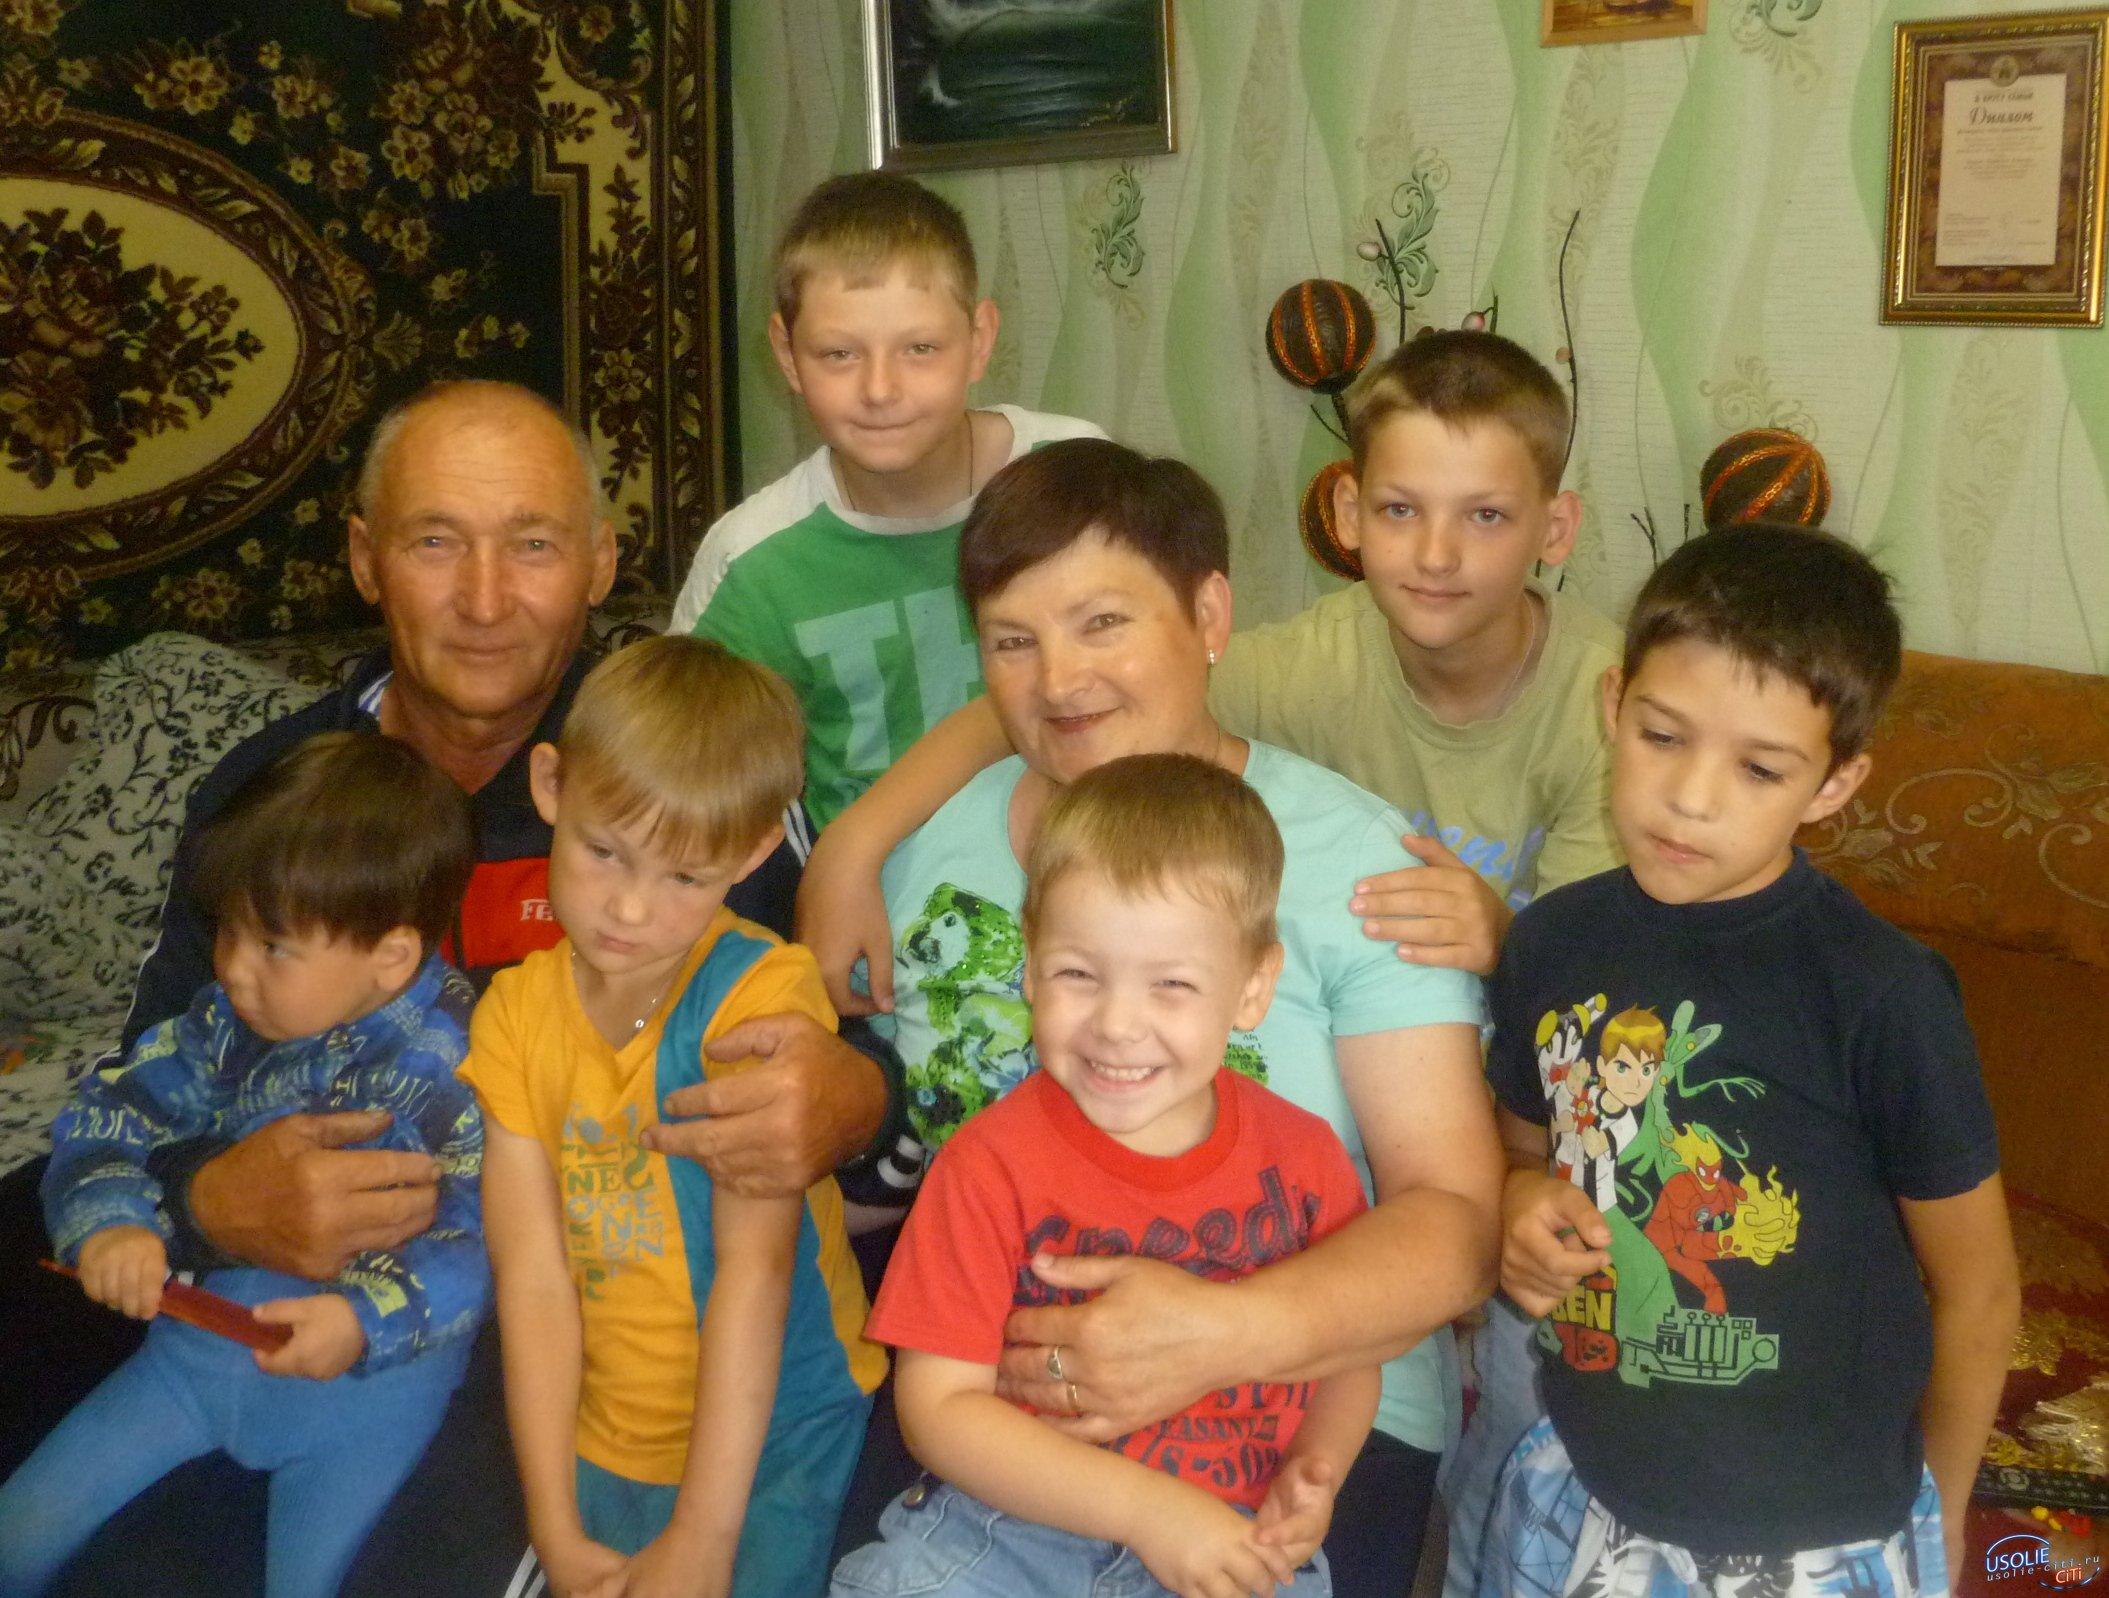 Рубиновую свадьбу отметили в Сосновке Усольского района